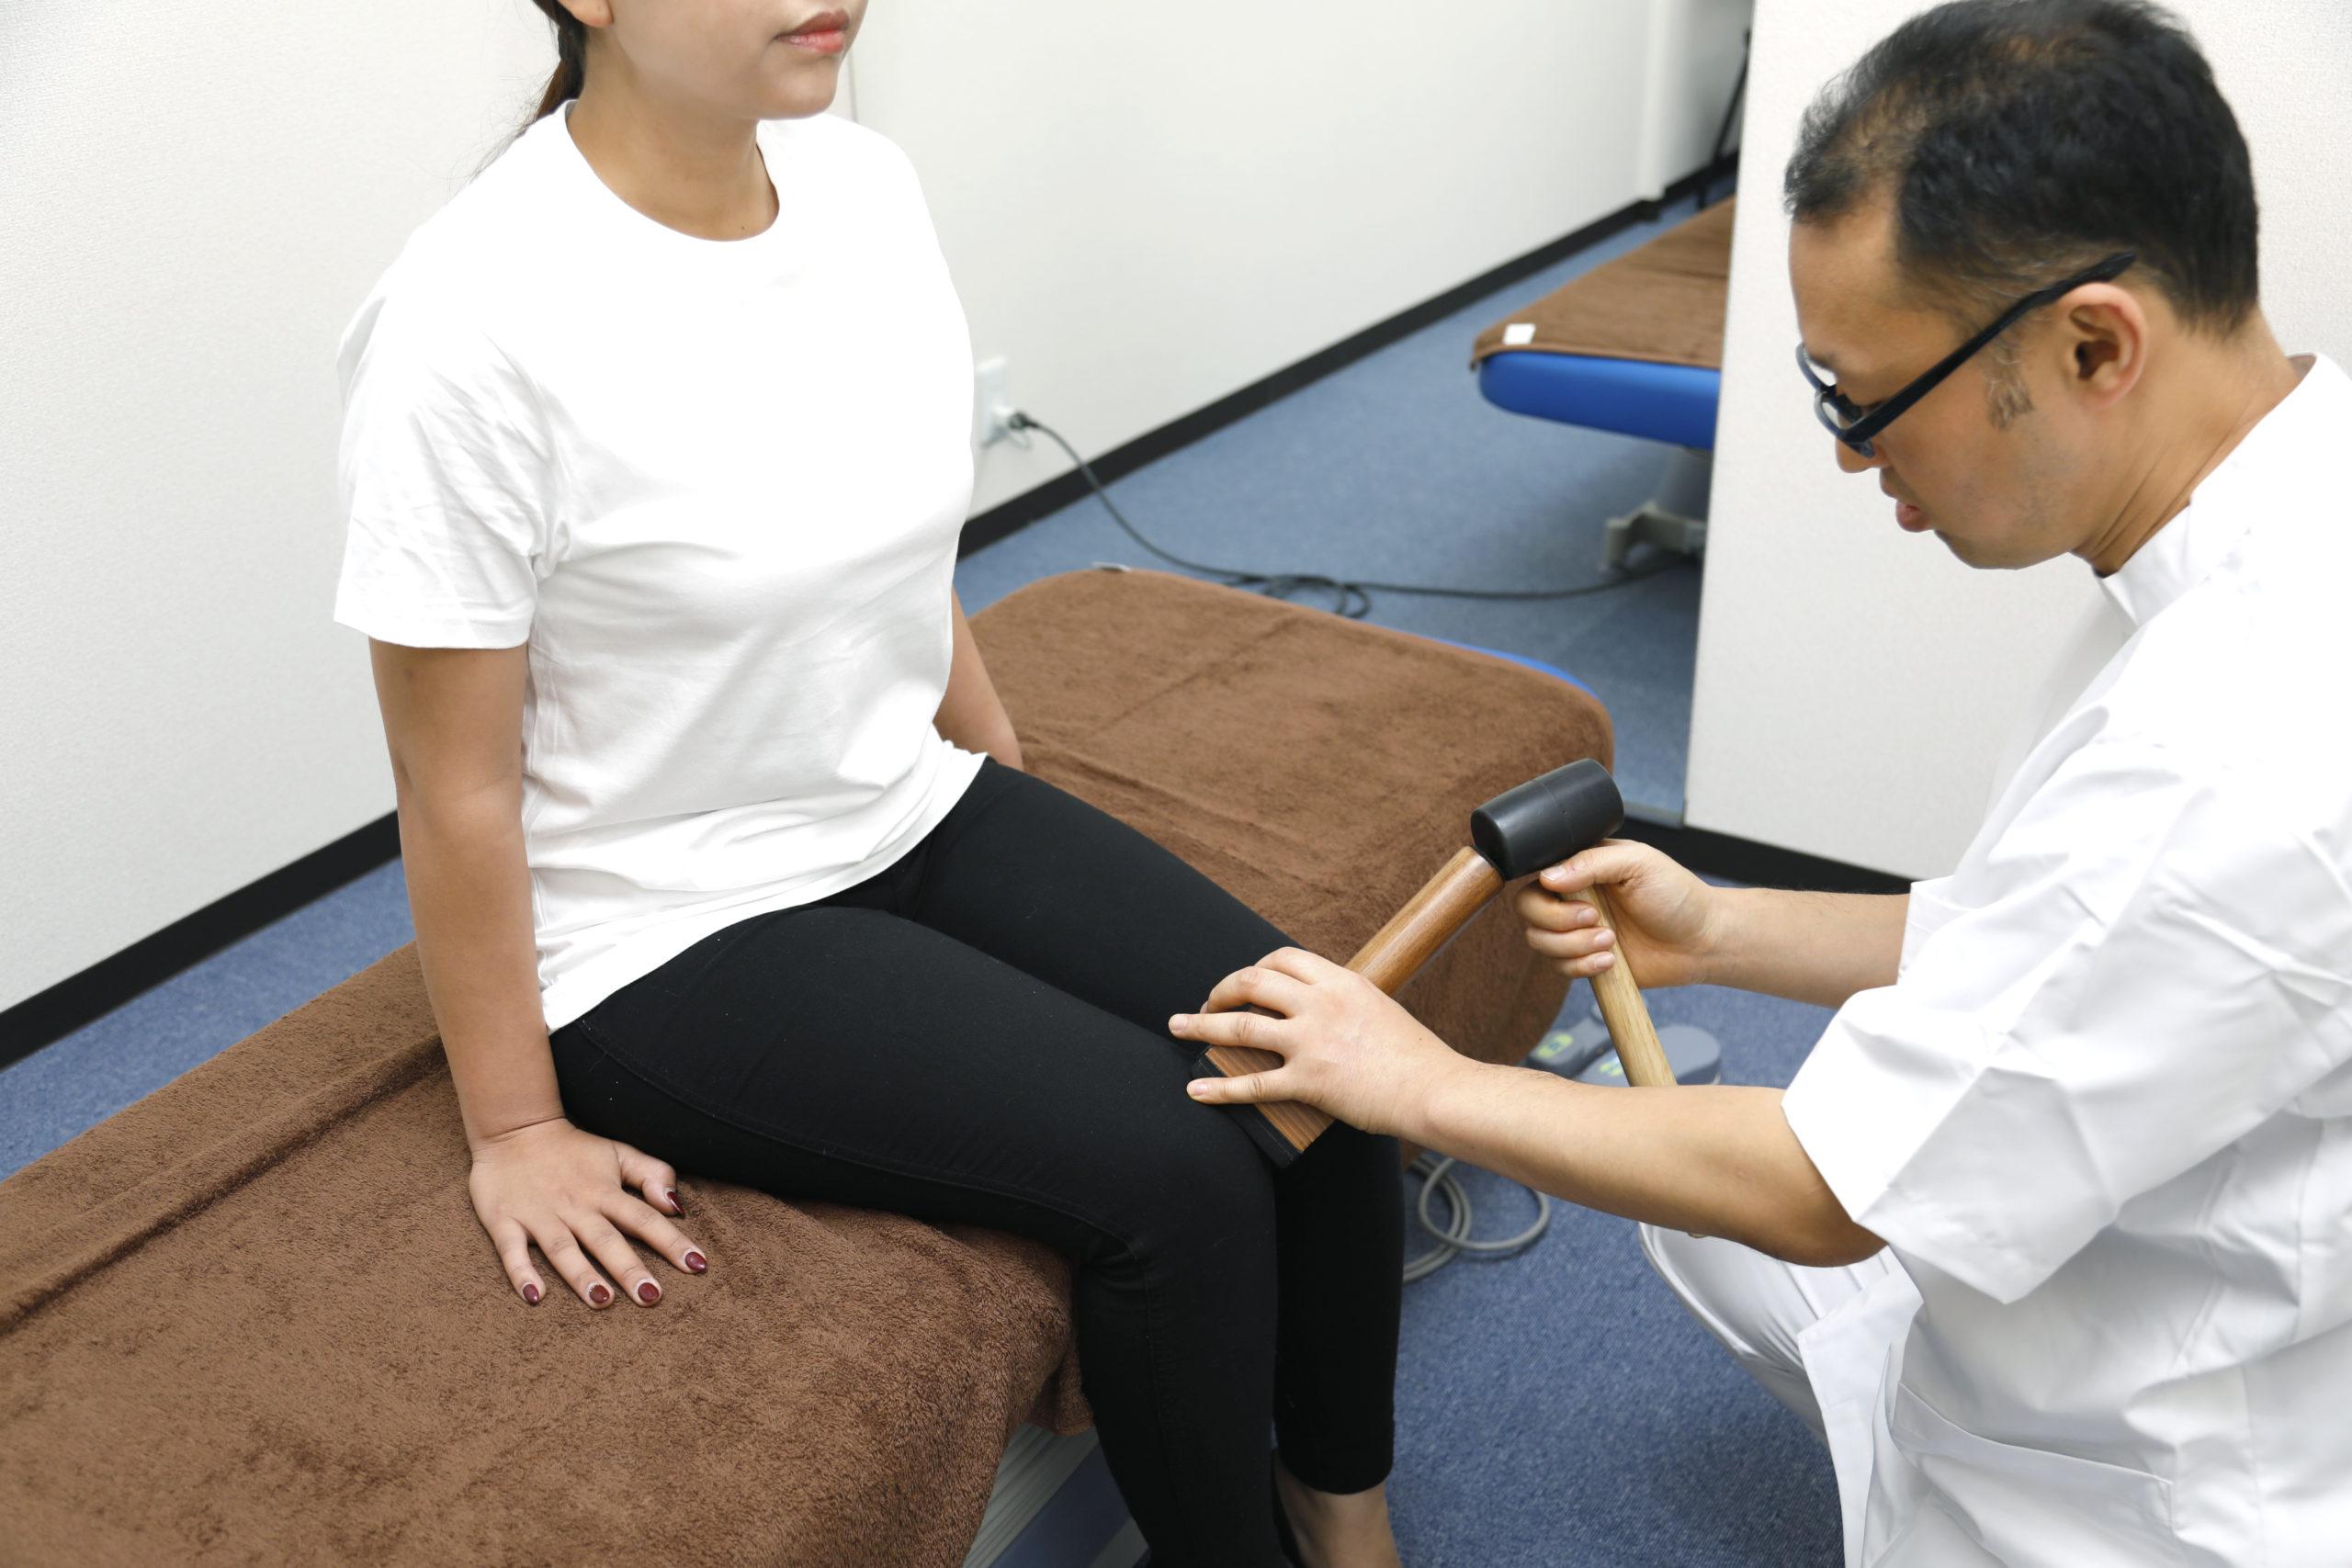 ハイヒールを履くと変形性膝関節症になりやすい(東大阪 整体 献身堂)